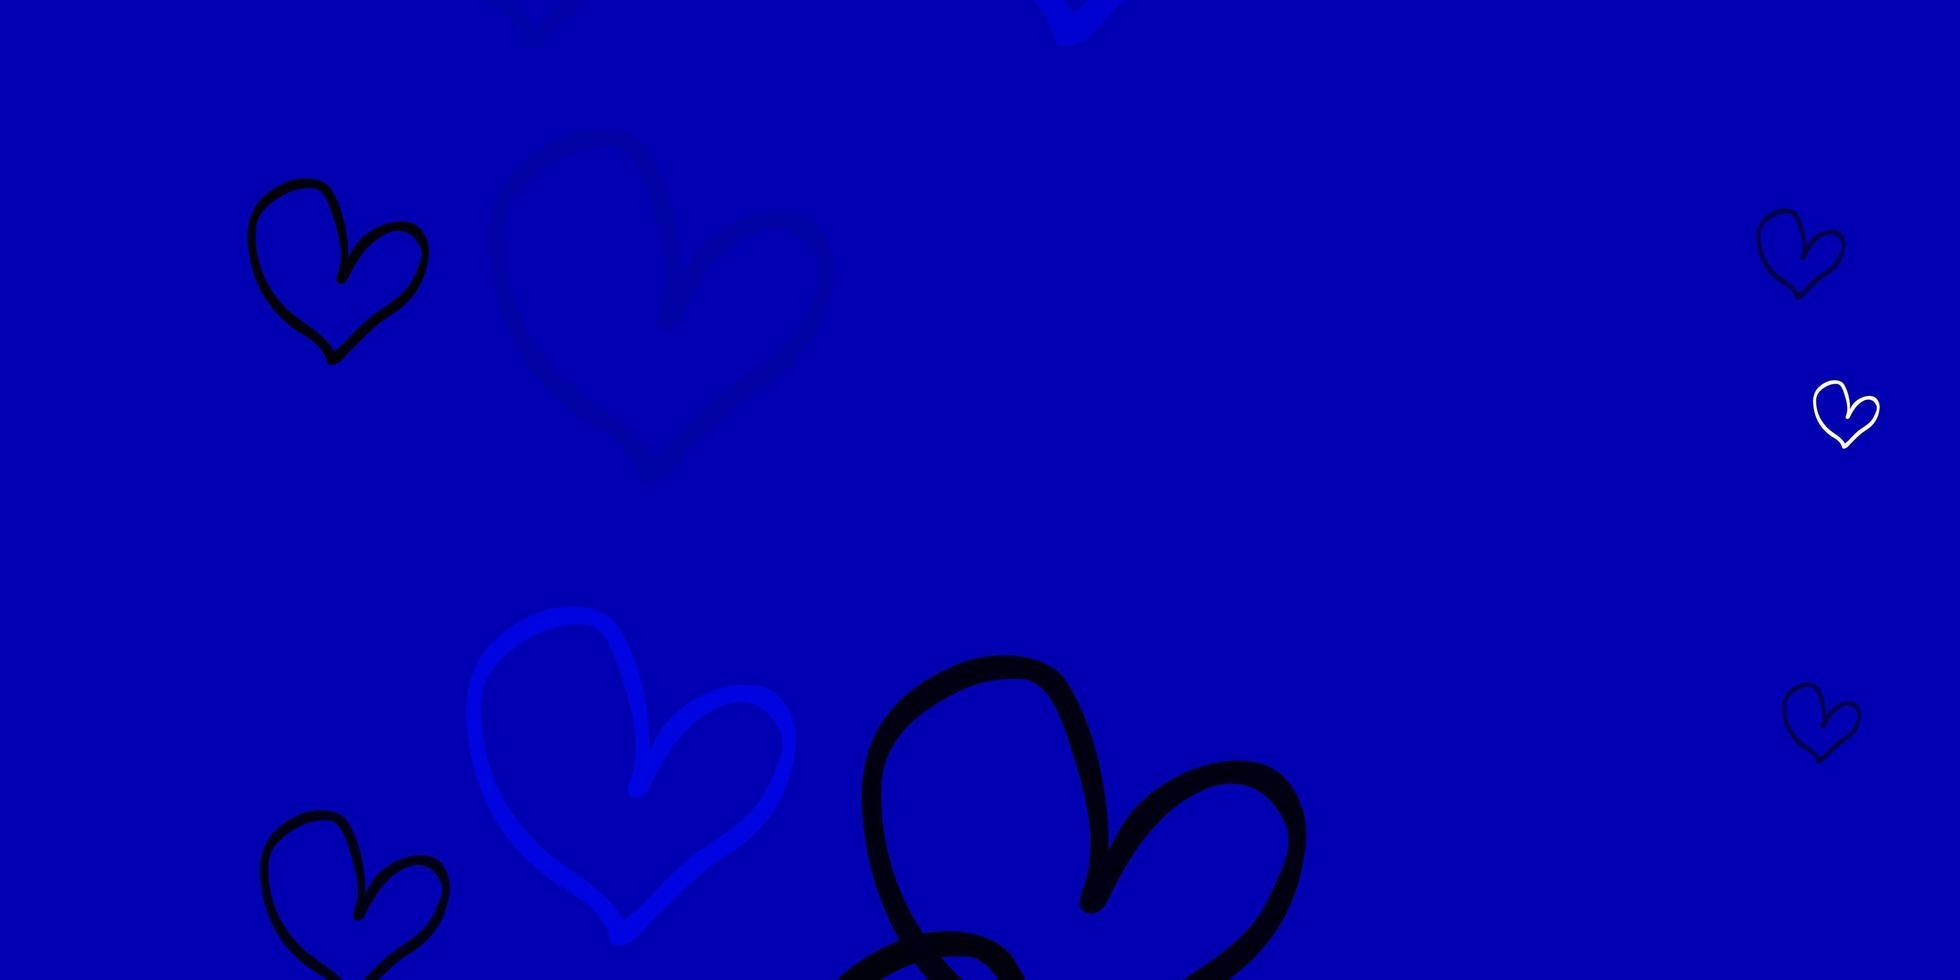 pano de fundo azul claro com corações doces. vetor